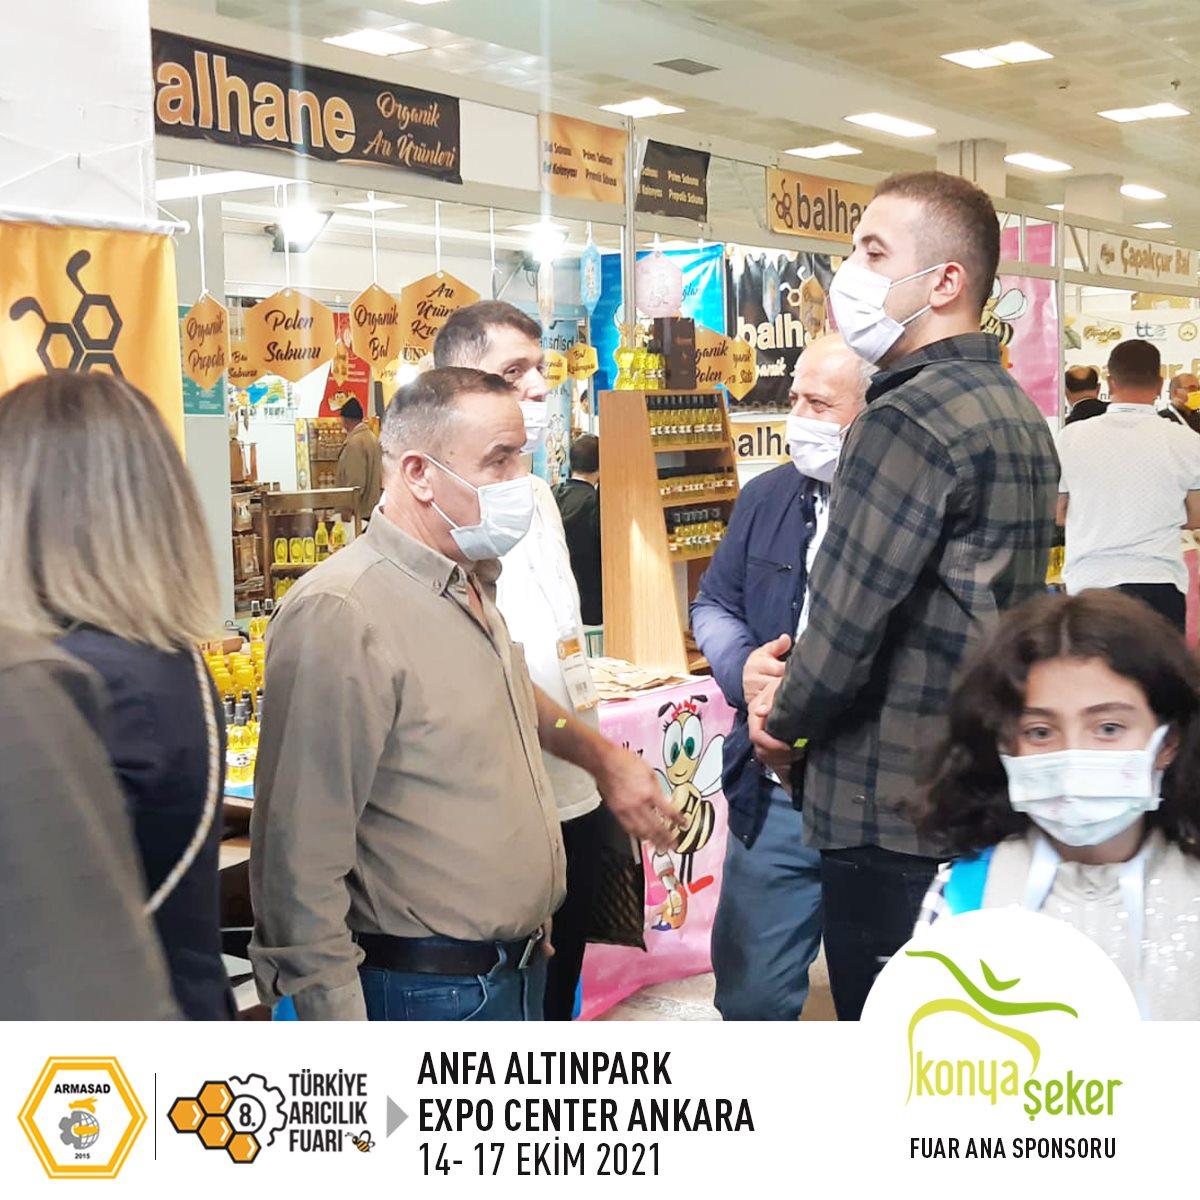 Armasad 8.Türkiye Arıcılık Fuarı 2021 ANKARA Altınpark fuar alanı, balhane